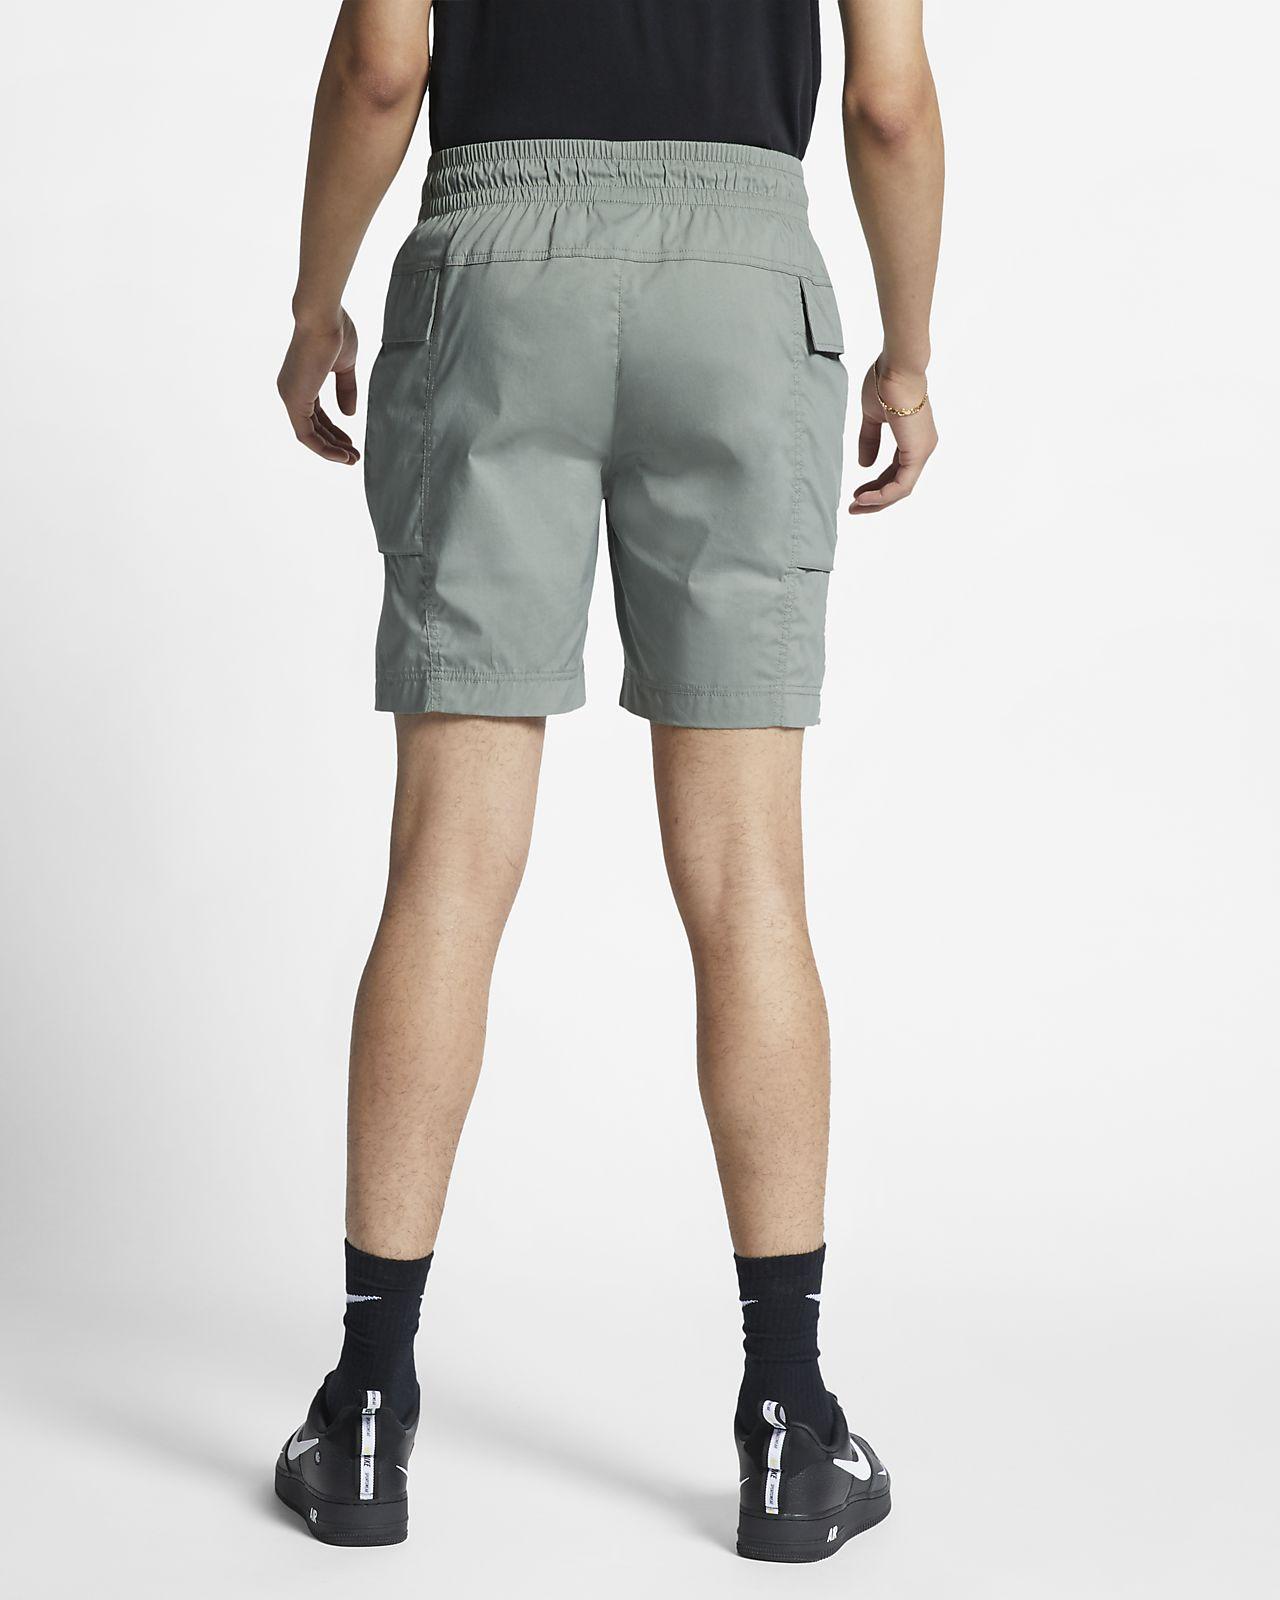 5001ee3a3c Low Resolution Nike Sportswear Cargo Shorts Nike Sportswear Cargo Shorts